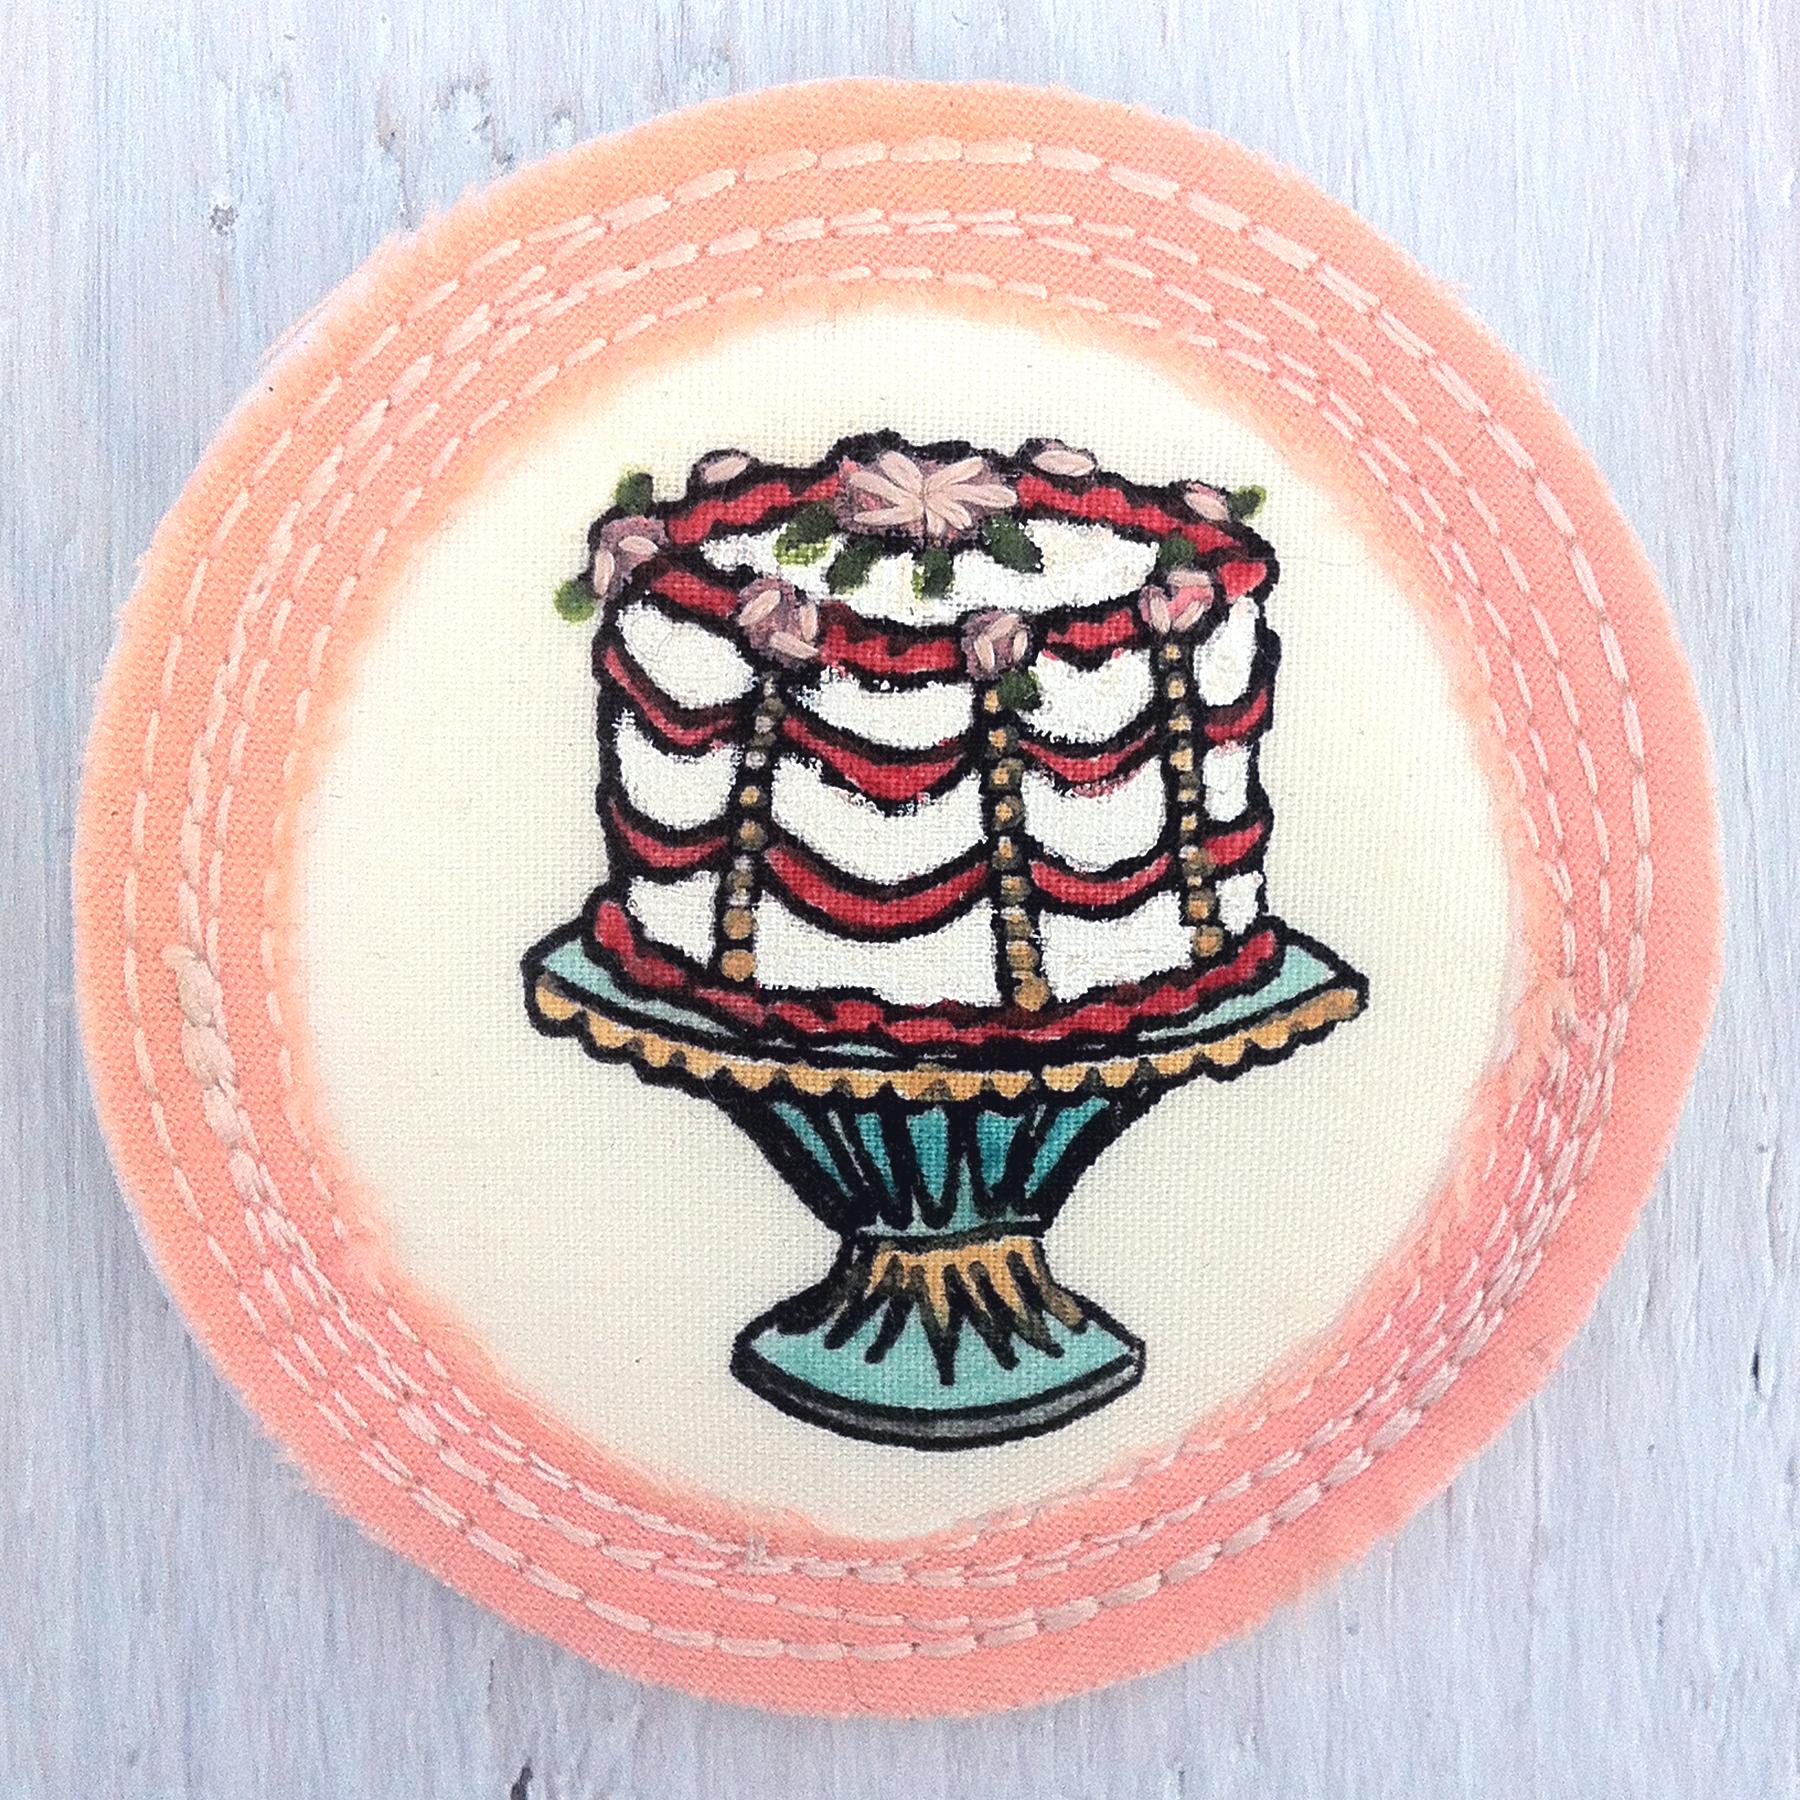 'Taking the Cake'.